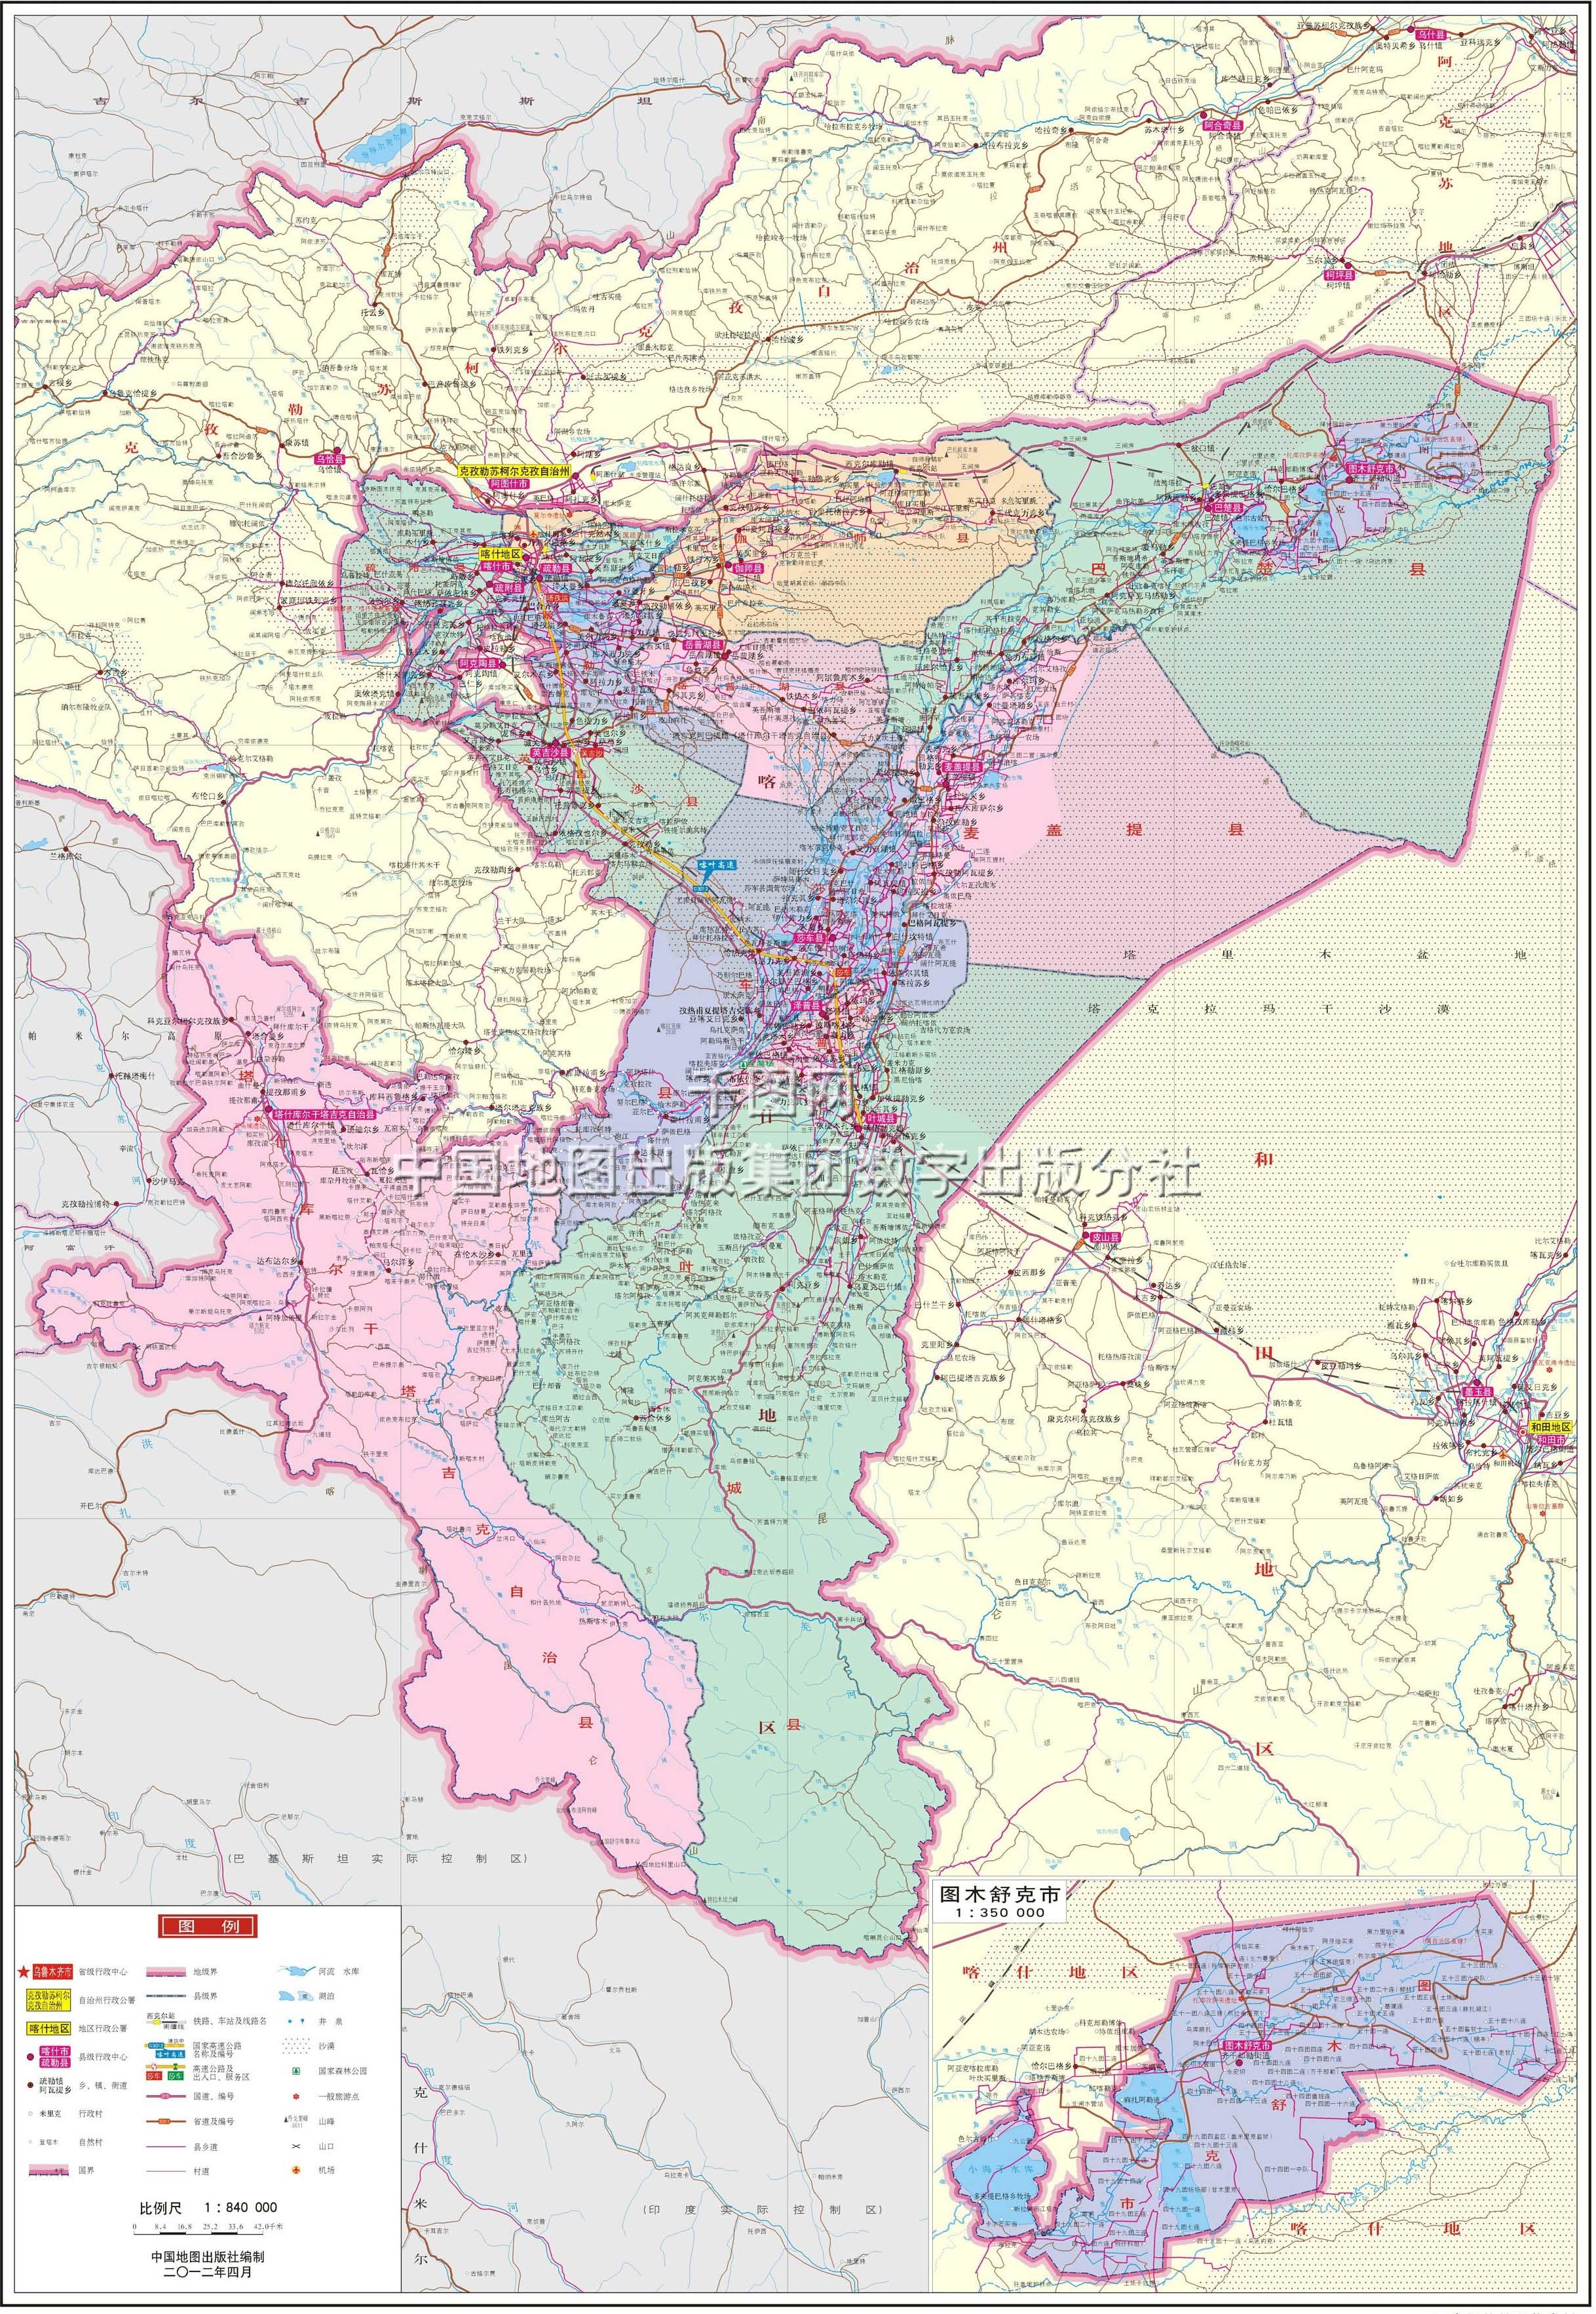 喀什地区地图高清版